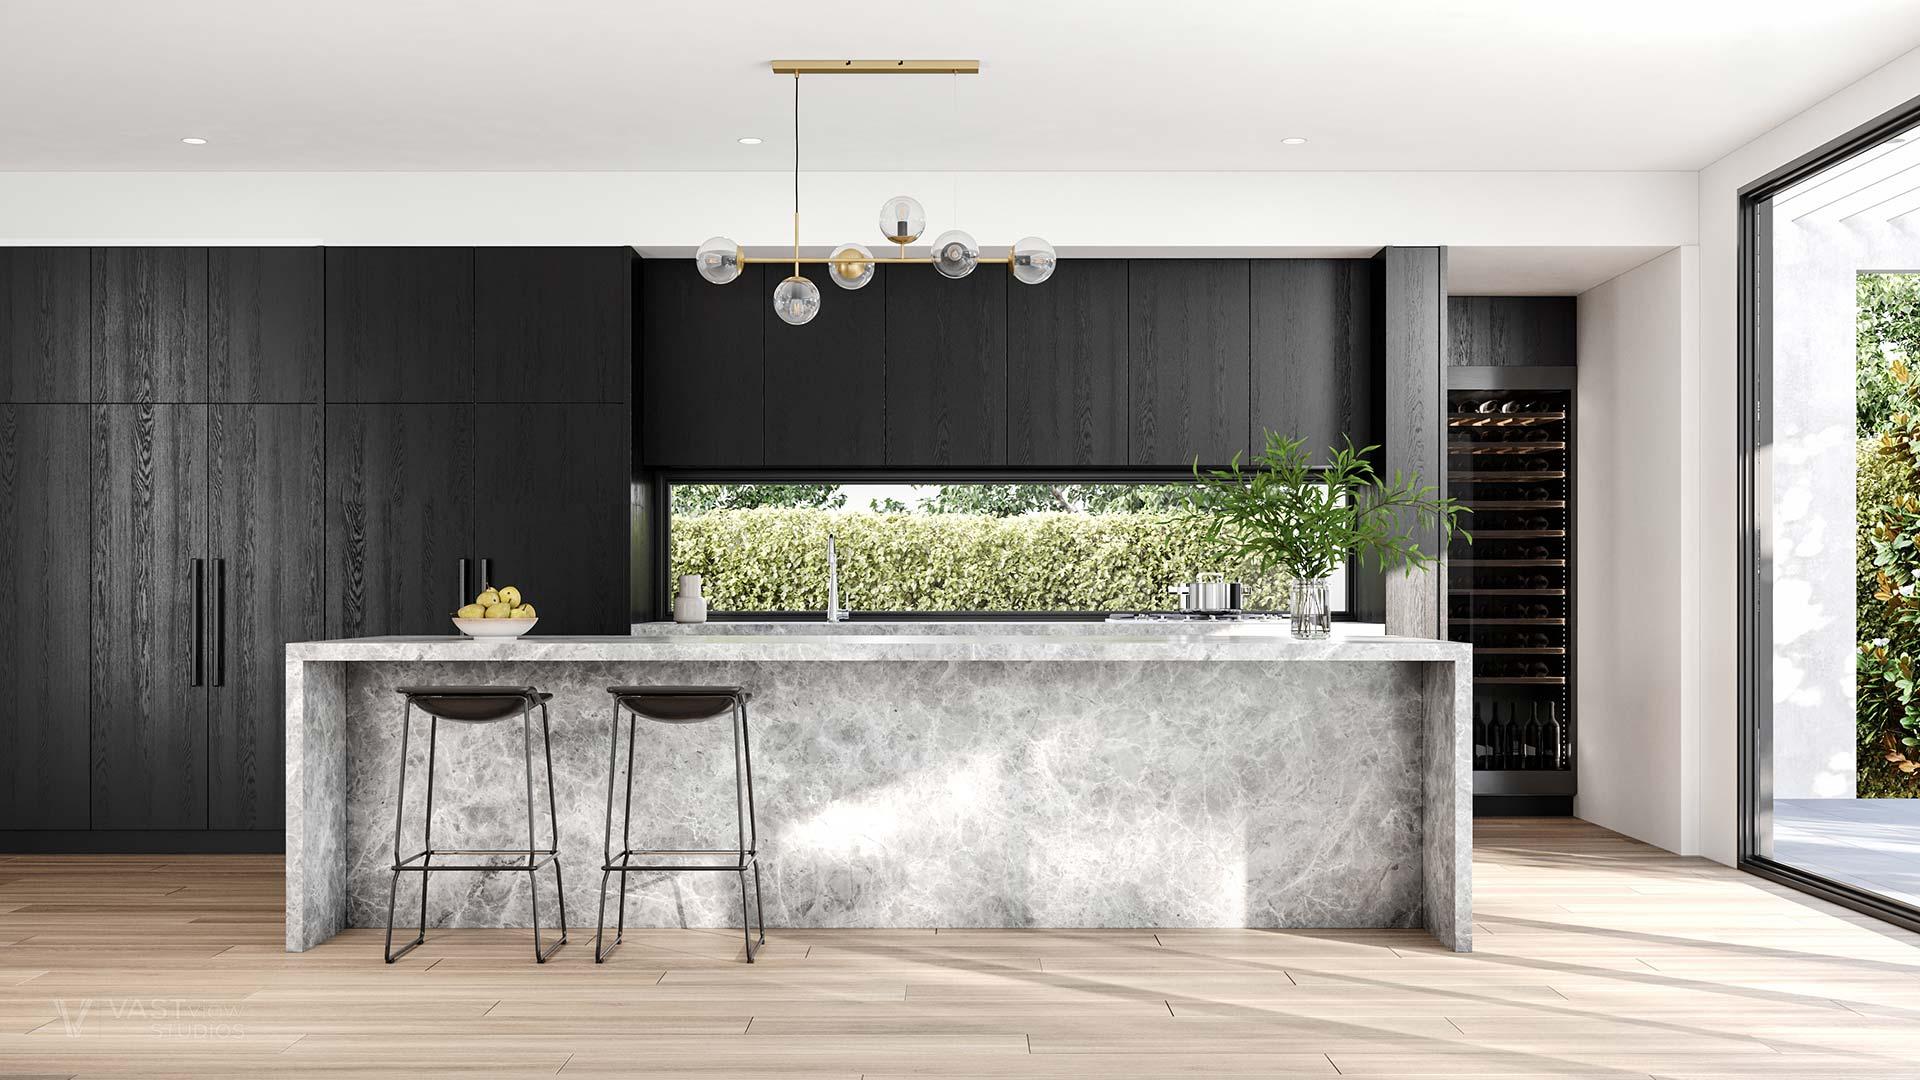 LentiniModernHouse_Kitchen_Draft3_v1.0